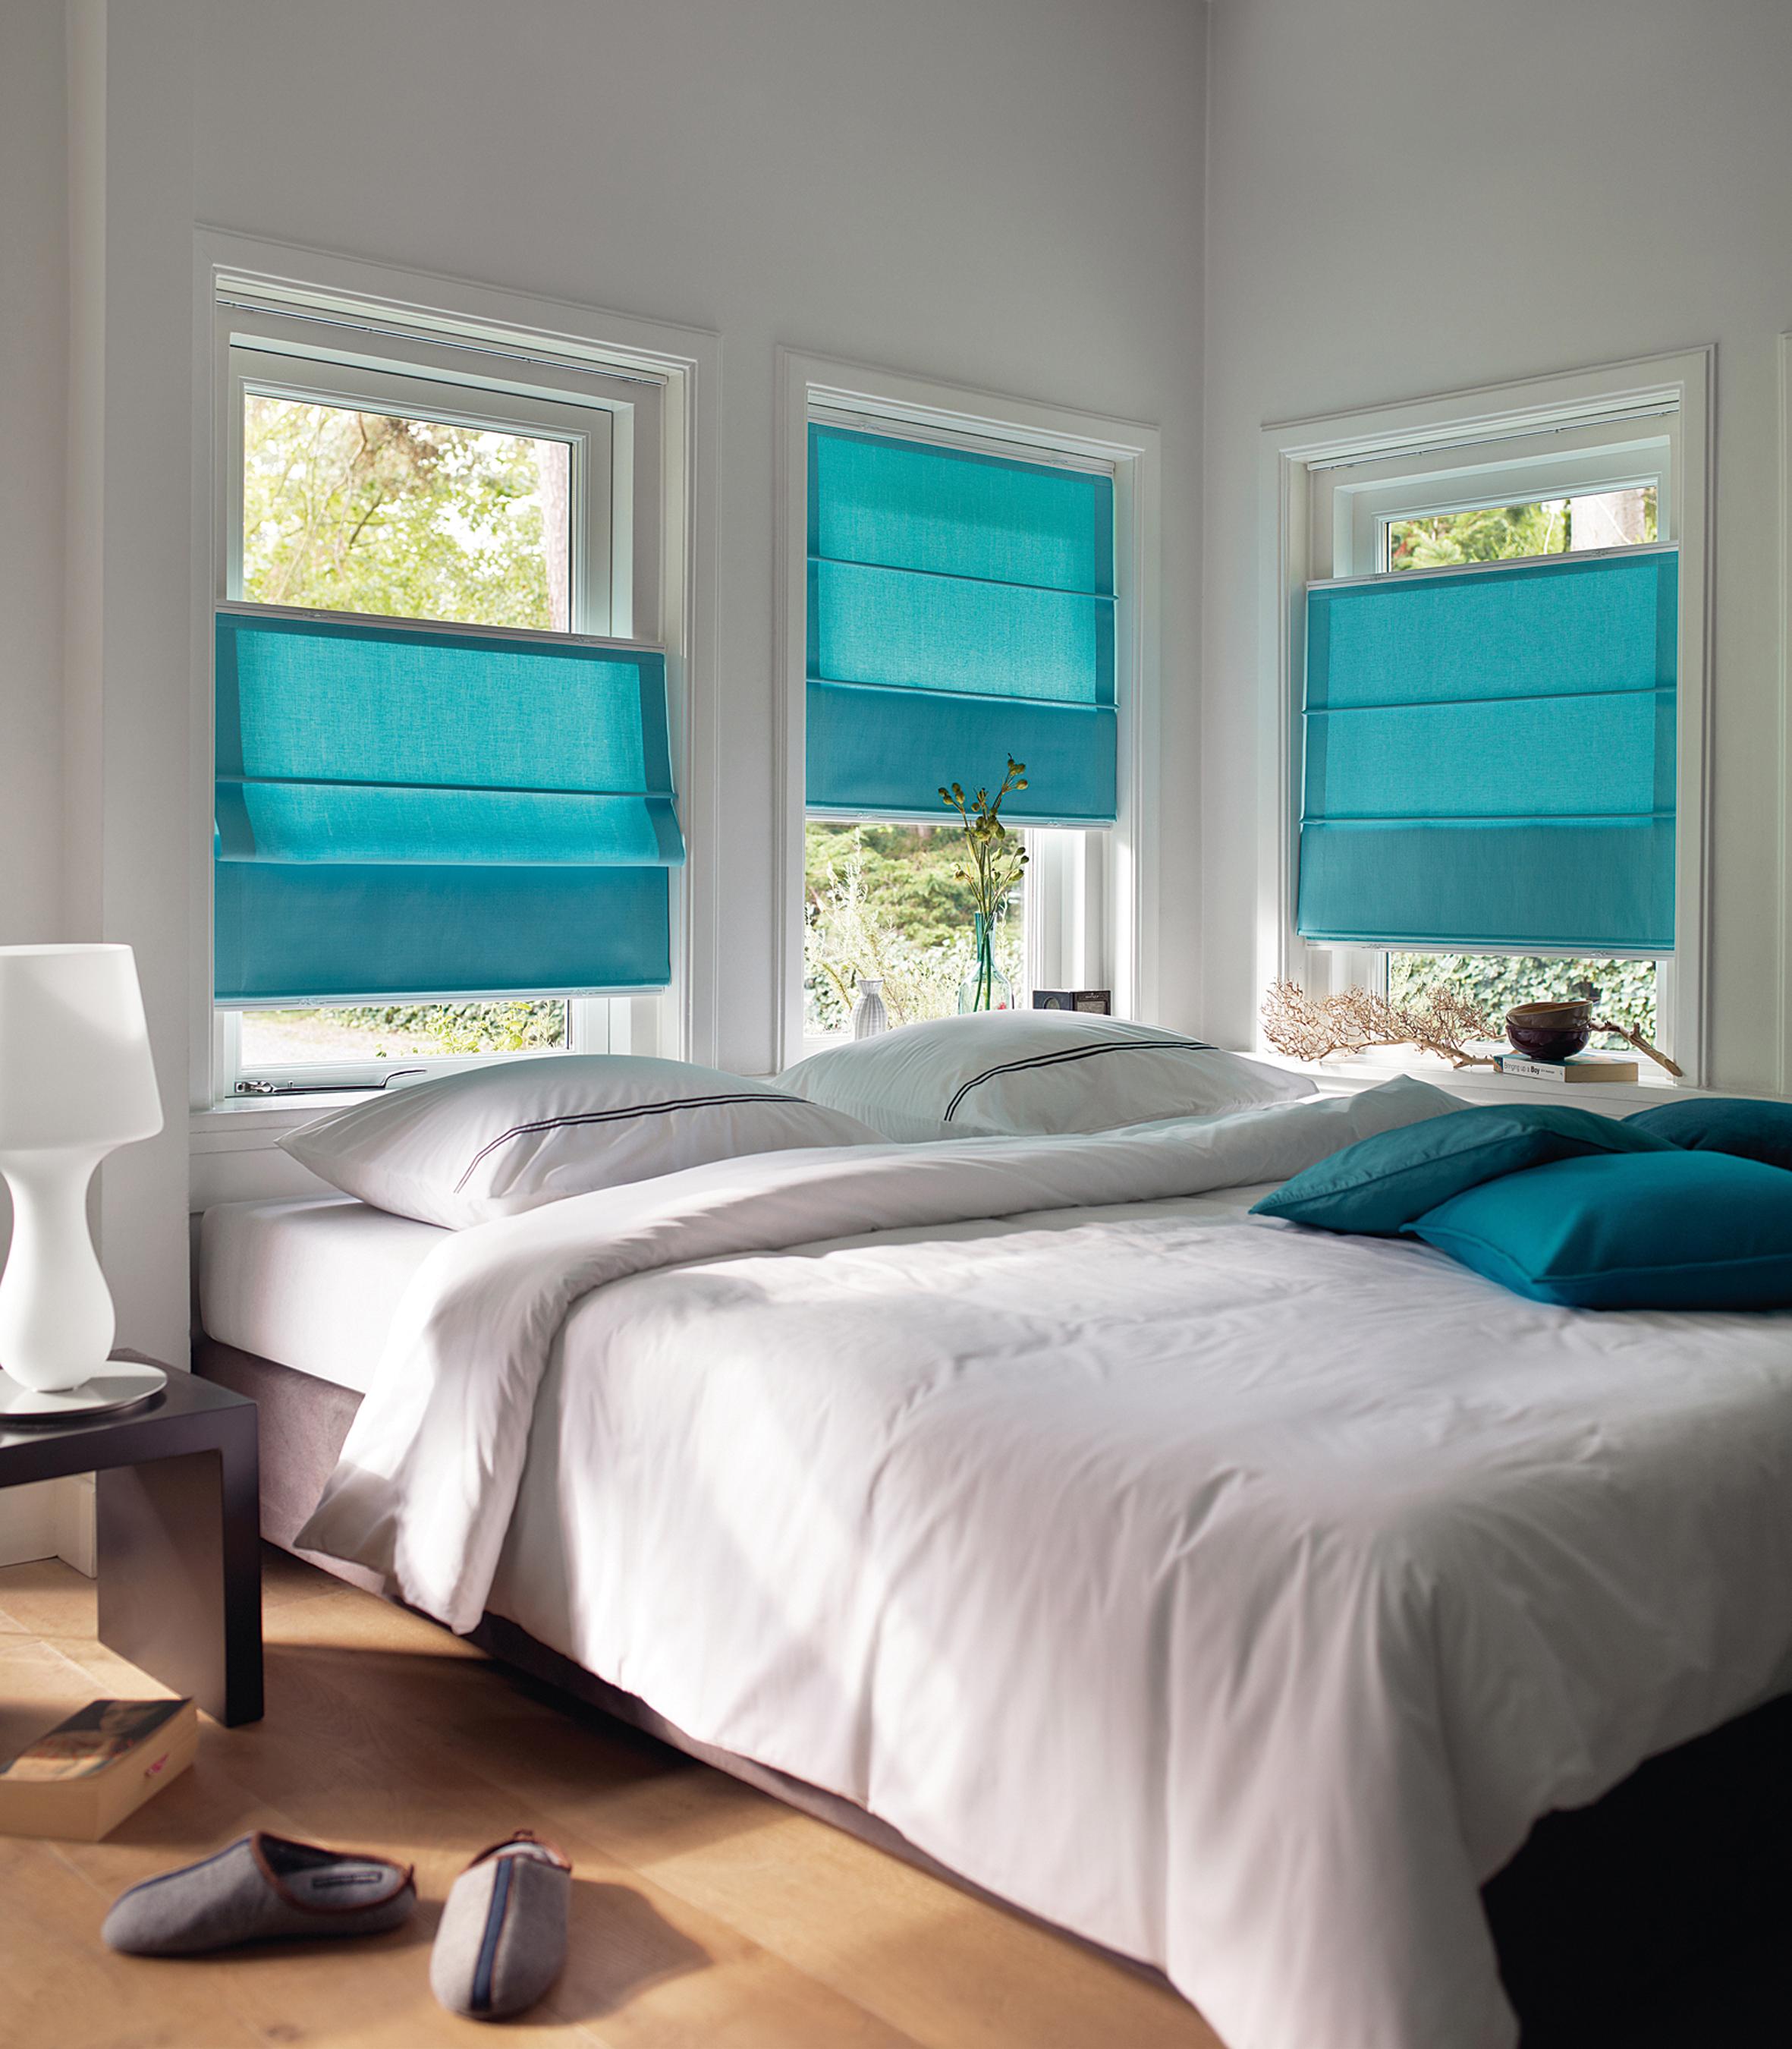 faltrollos raffrollos stoffdepot. Black Bedroom Furniture Sets. Home Design Ideas